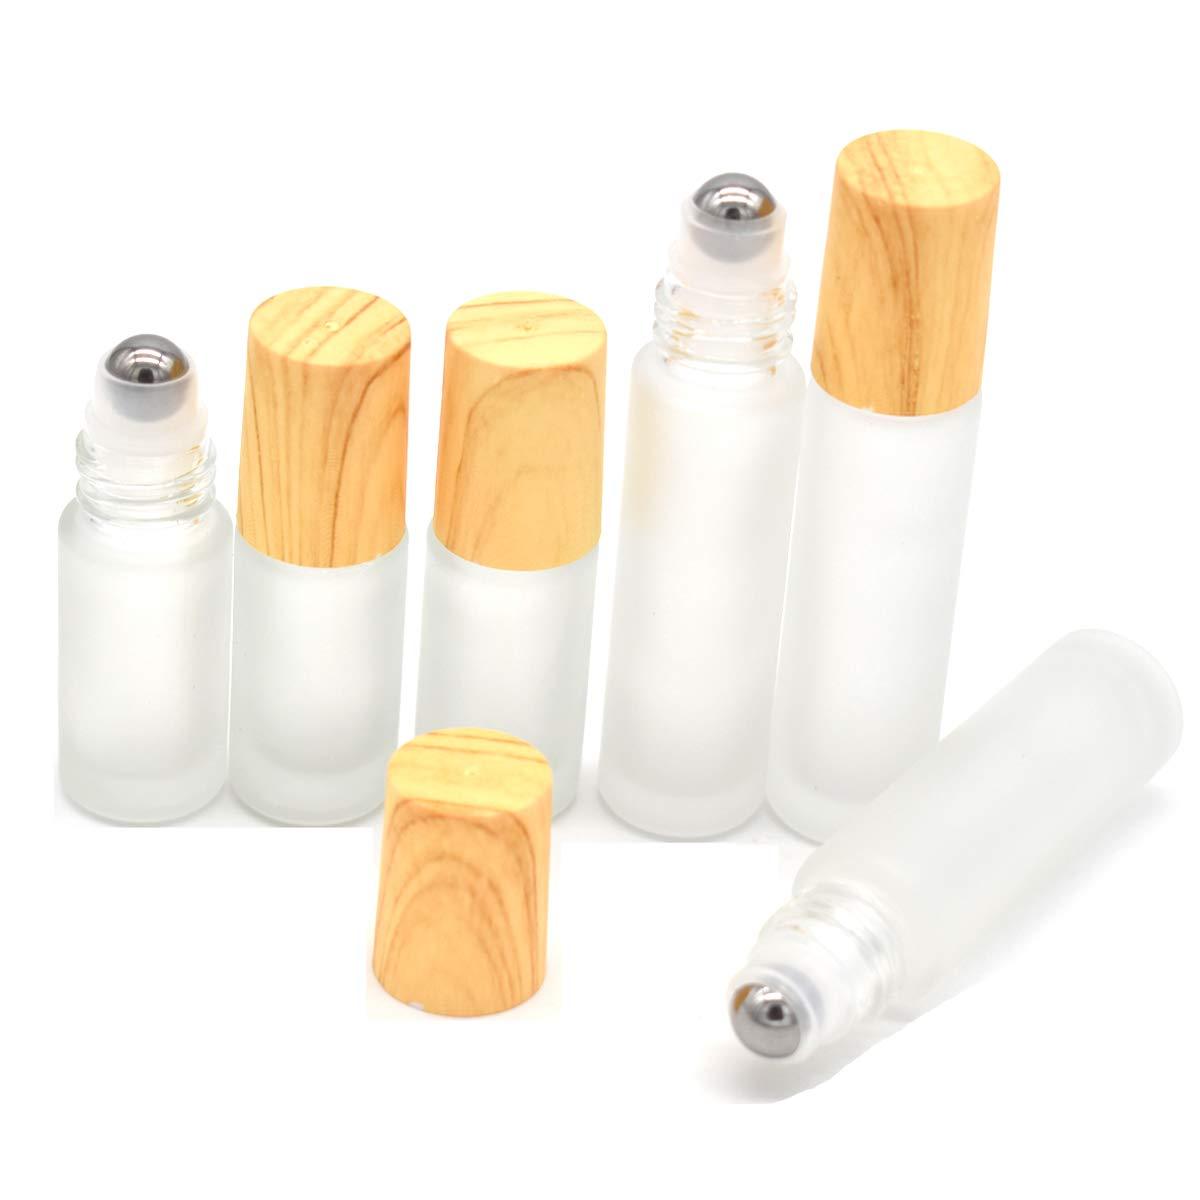 Yueser 6 piezas Botellas Roll On para Aceites Esenciales con Roll-on Bola de Acero Inoxidable y Tapa de Bambú para Perfume Aromaterapia Aceite Esencial,5 ml 10ml